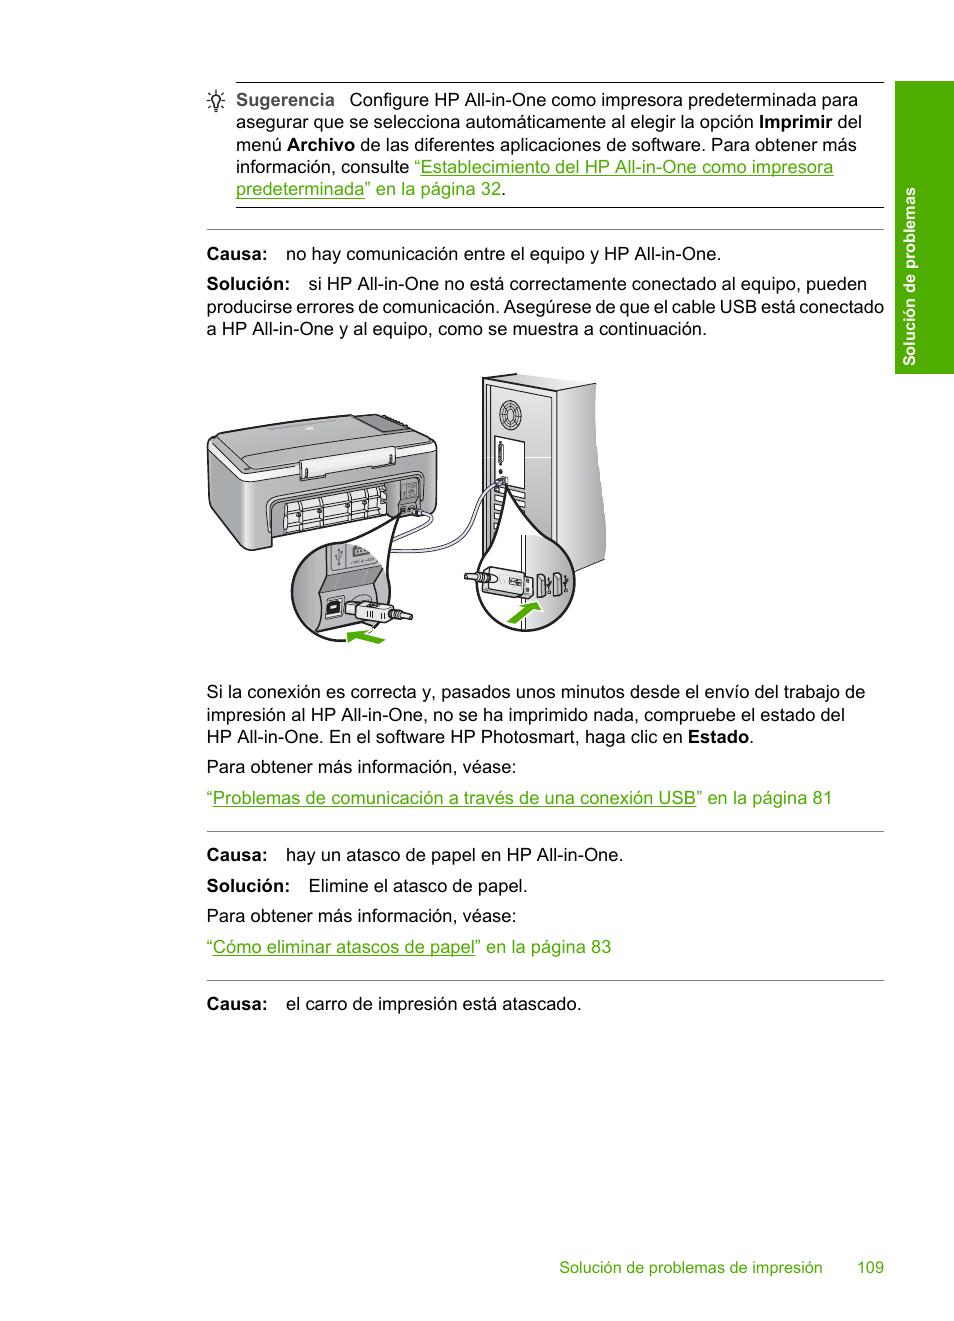 hp impresora todo en uno hp deskjet f2180 manual del usuario rh pdfmanuales com Impresoras HP LaserJet 2727 Impresoras HP 245